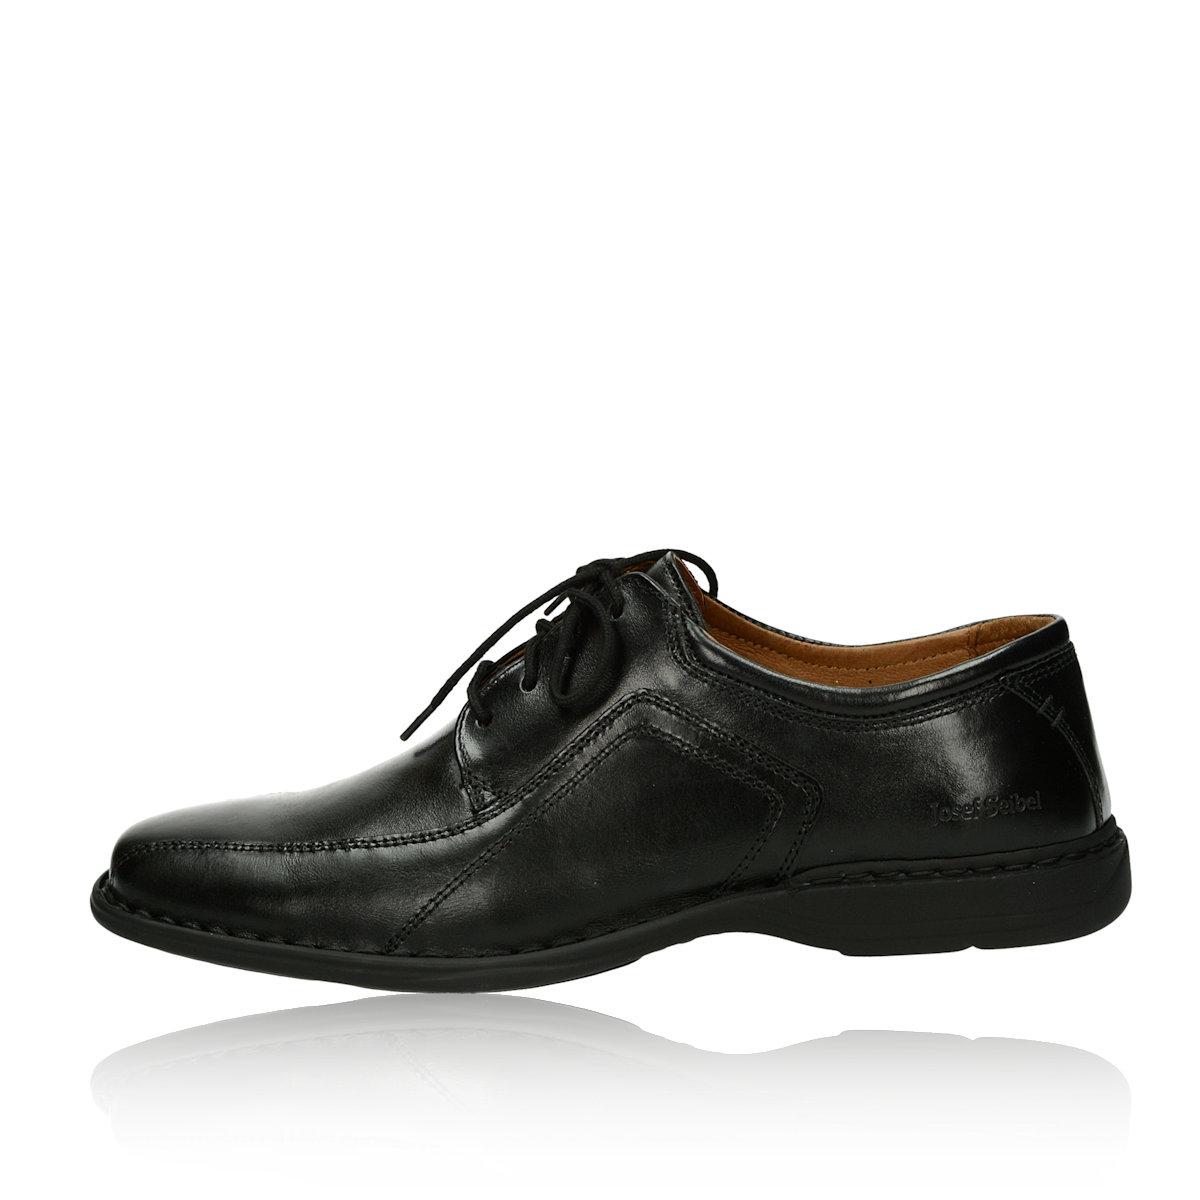 Josef Seibel pánské kožené boty - černé